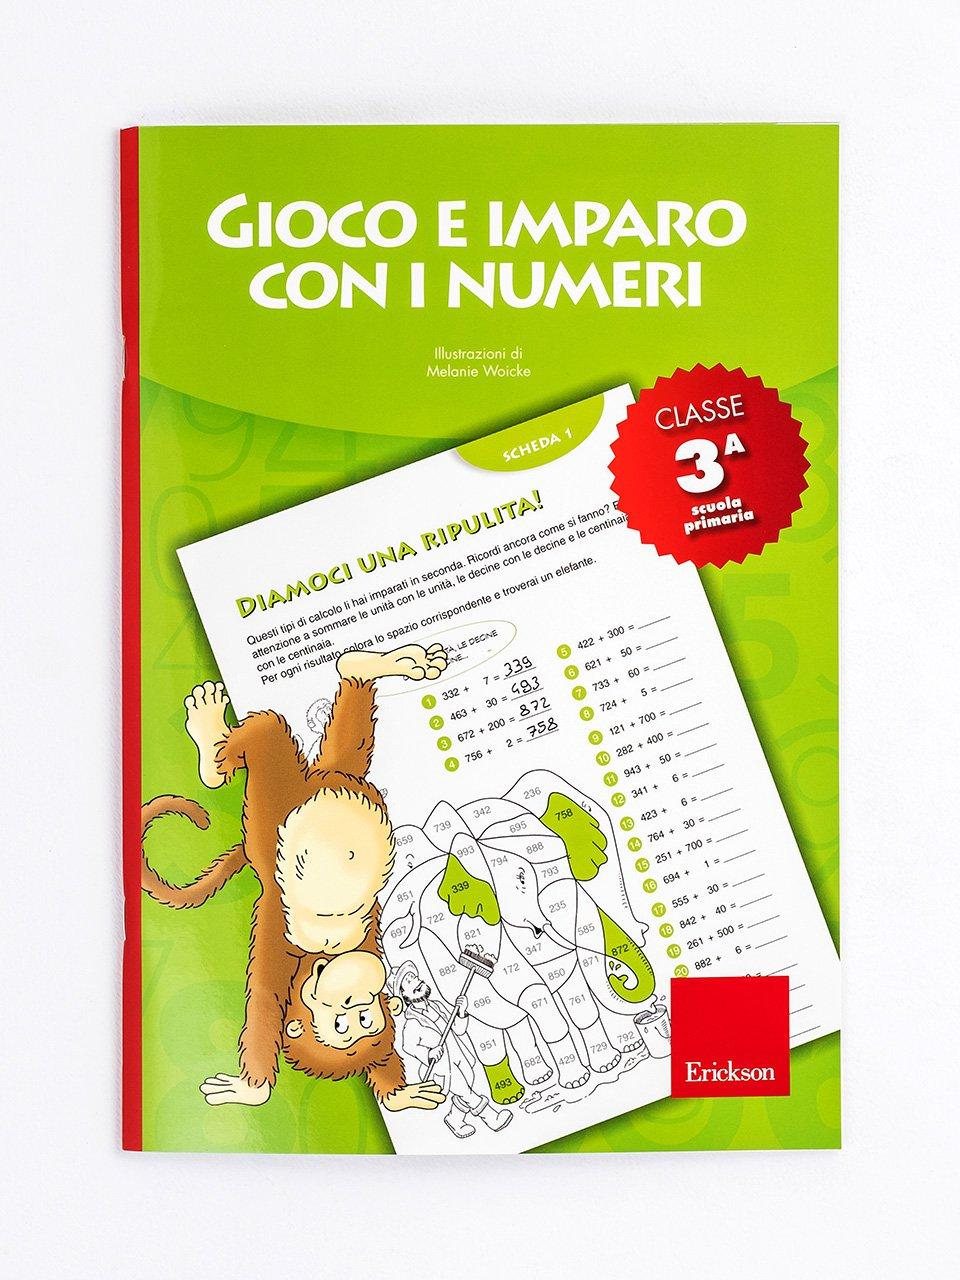 Gioco e imparo con i numeri - CLASSE TERZA - Le proposte Erickson per i compiti-delle-vacanze - Erickson